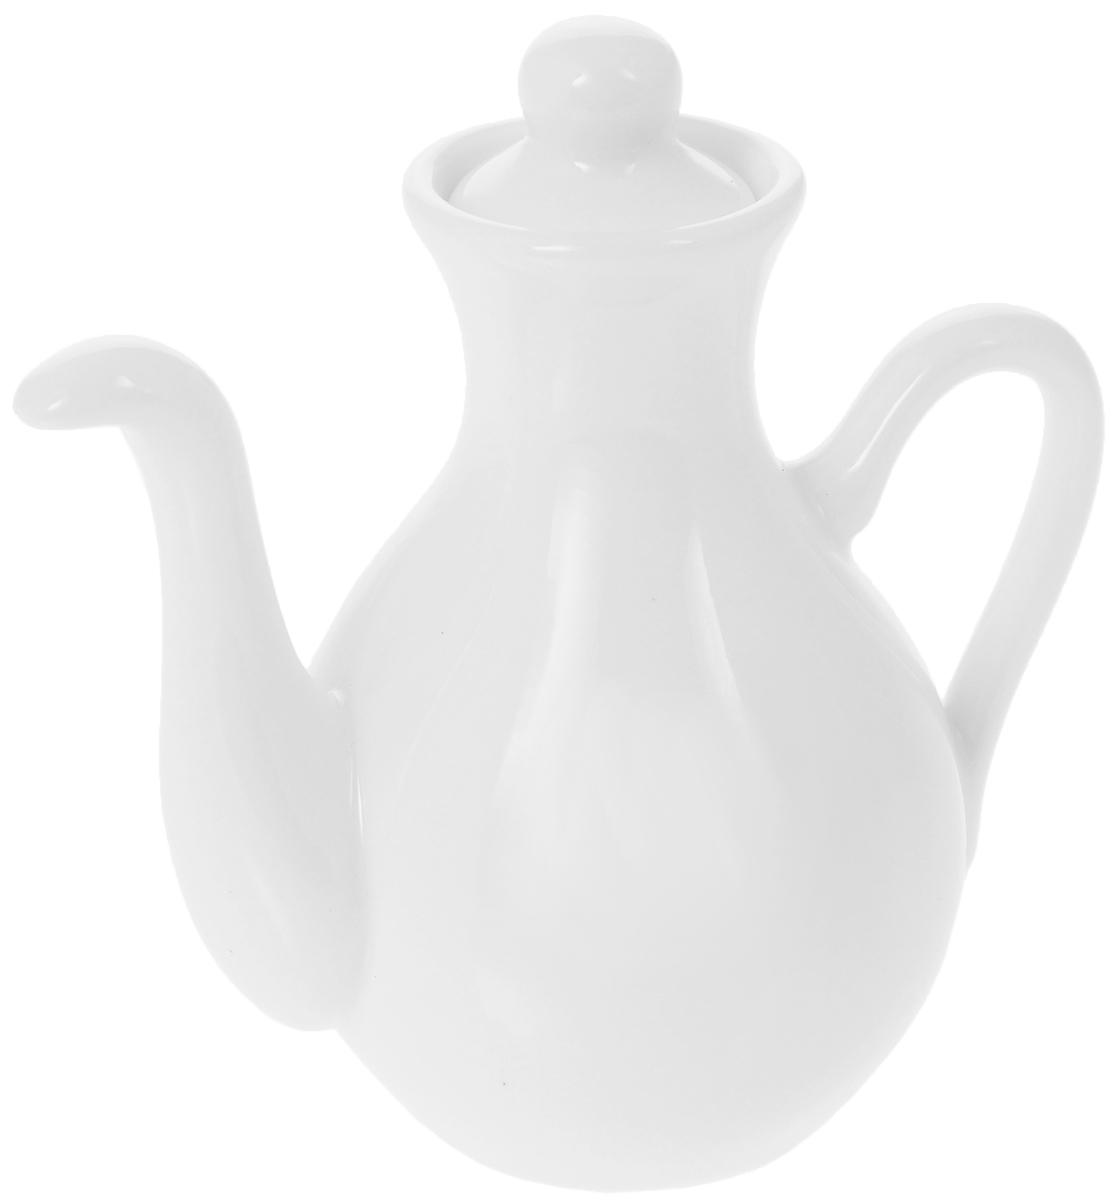 Бутылка для соуса Wilmax, 130 млWL-996080 / AБутылка для соуса Wilmax изготовлена из высококачественного фарфора, покрытого глазурью. Изделие предназначено для хранения соусов, имеет удобный носик и крышку. Такая бутылка для соуса пригодится в любом хозяйстве, она подойдет как для праздничного стола, так и для повседневного использования. Изделие функциональное, практичное и легкое в уходе. Диаметр (по верхнему краю): 3,5 см. Высота бутылки (с учетом крышки): 11 см.